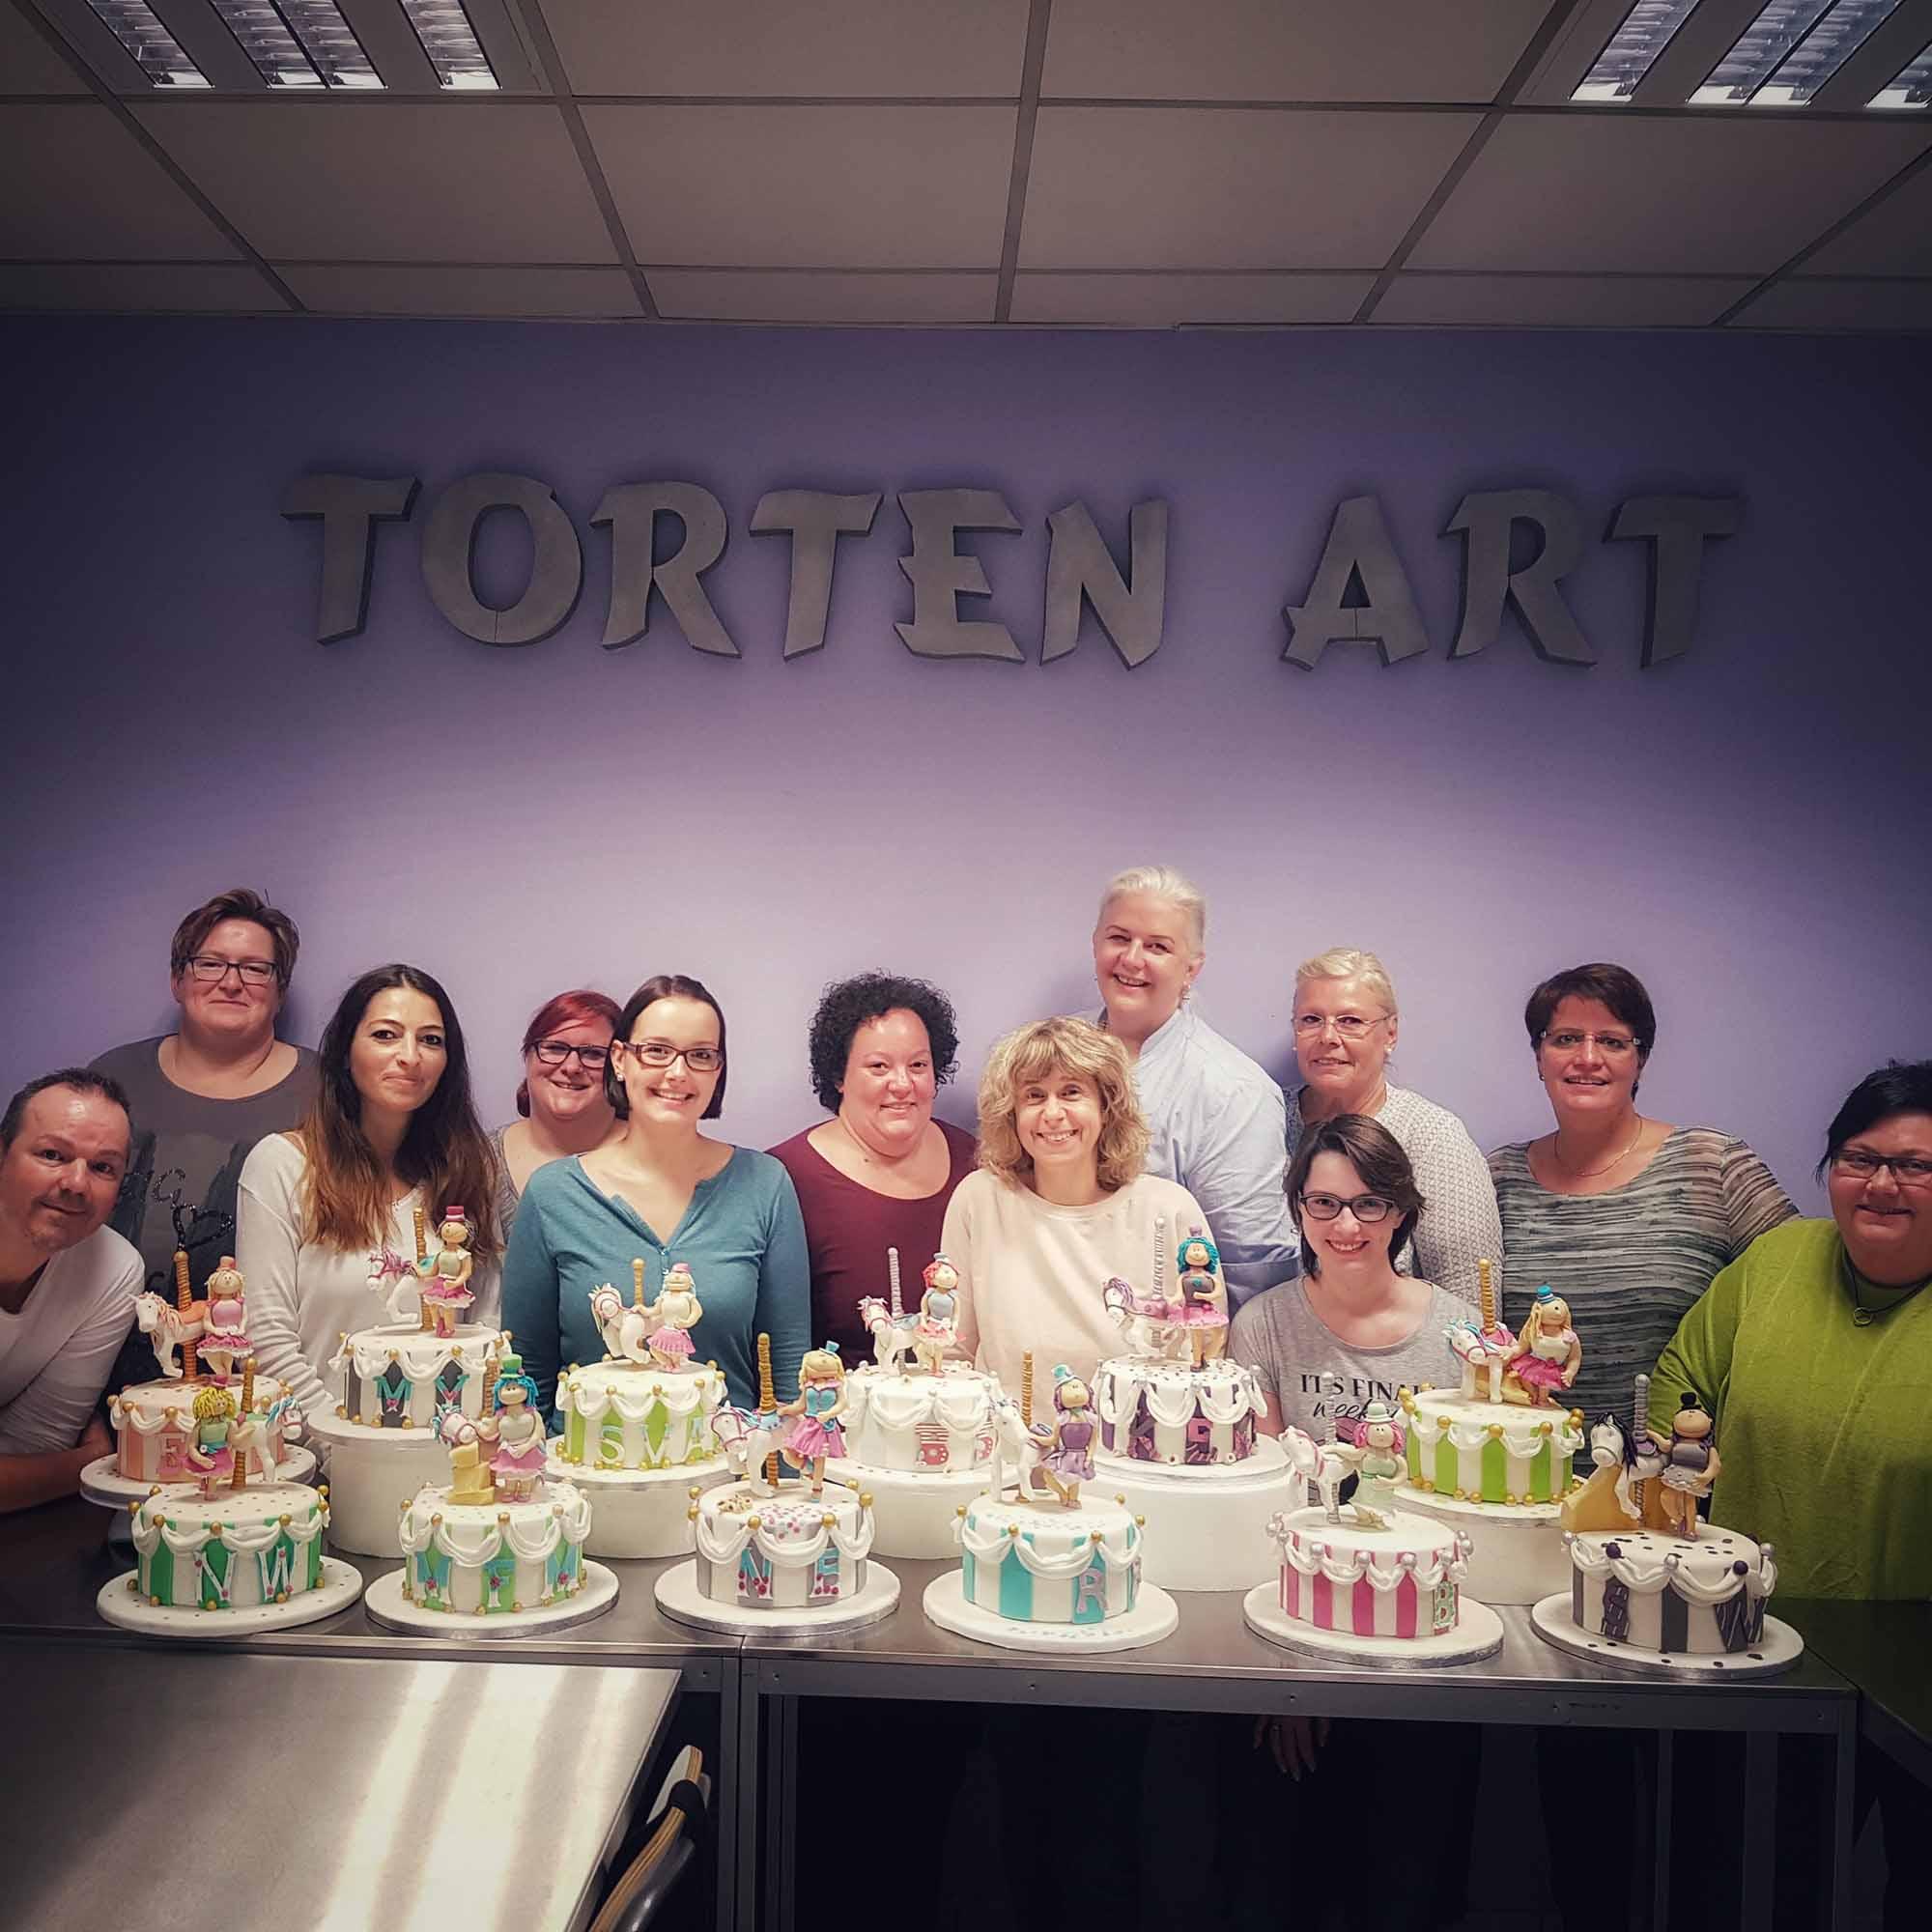 Reisetagebuch - Gruppenfoto mit Torten und TeilnehmerInnen bei Torten-Art